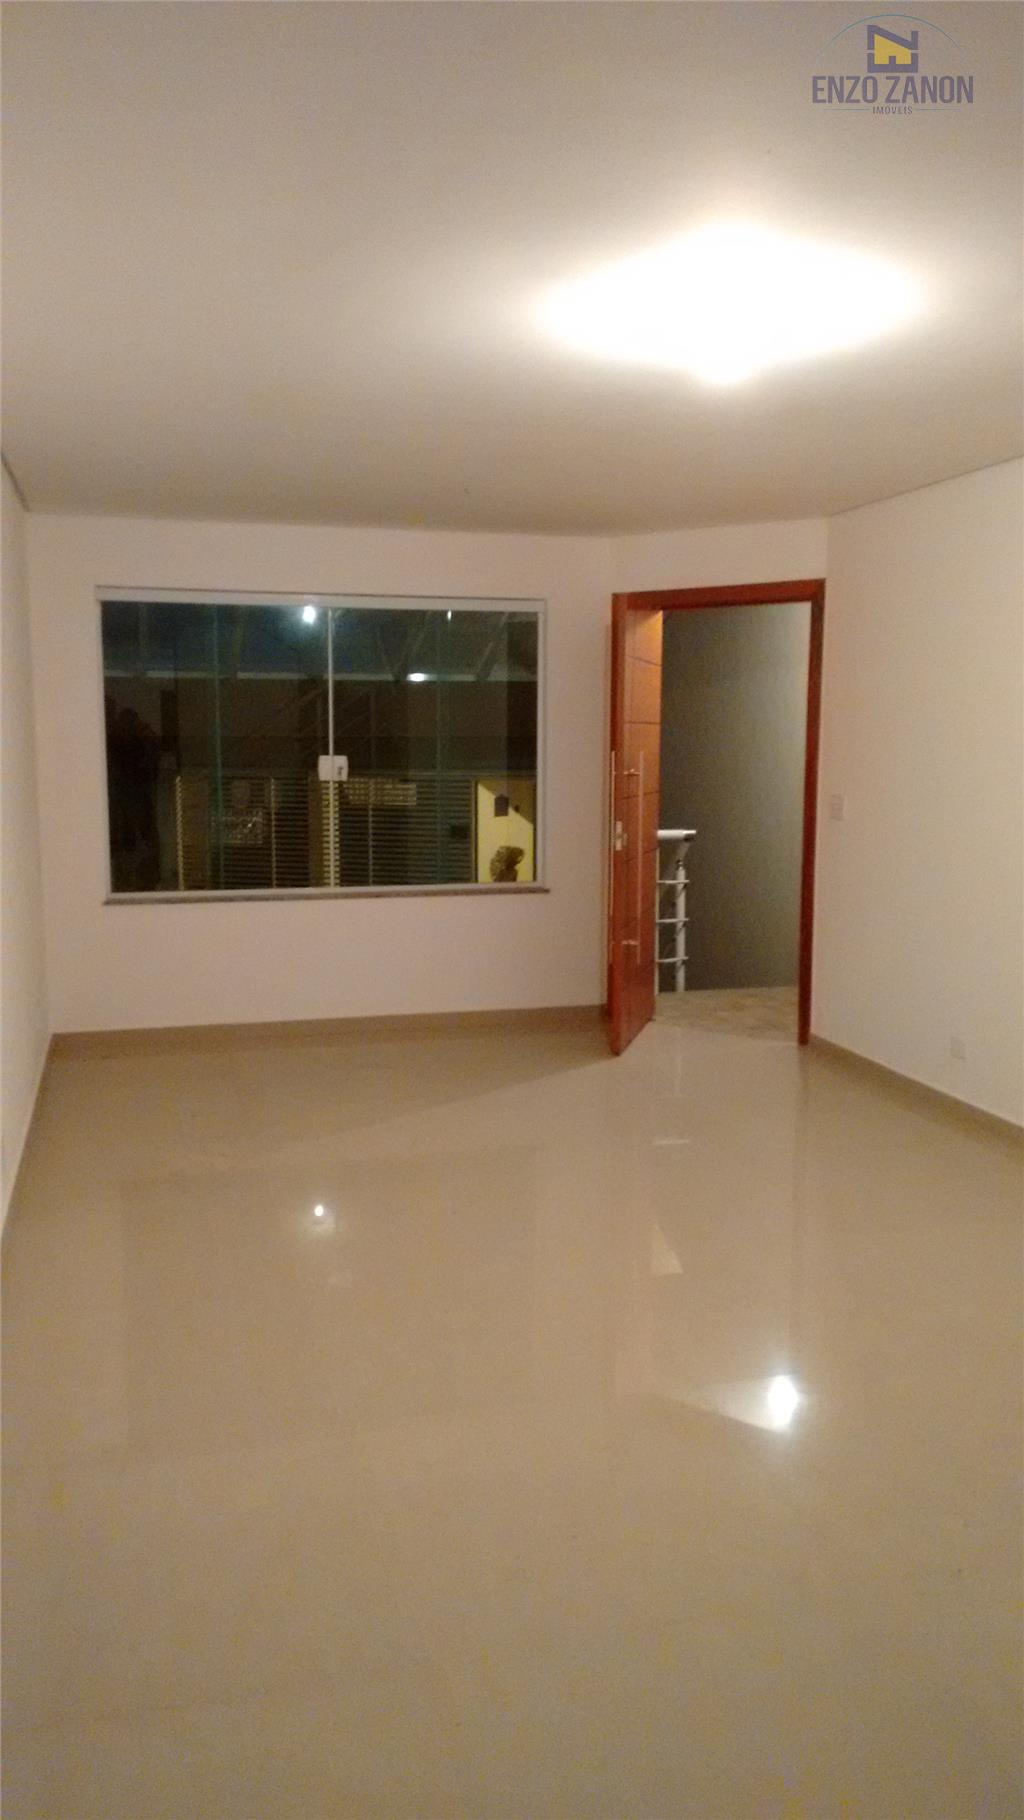 Sobrado residencial à venda, Parque Terra Nova, São Bernardo do Campo - SO0208.